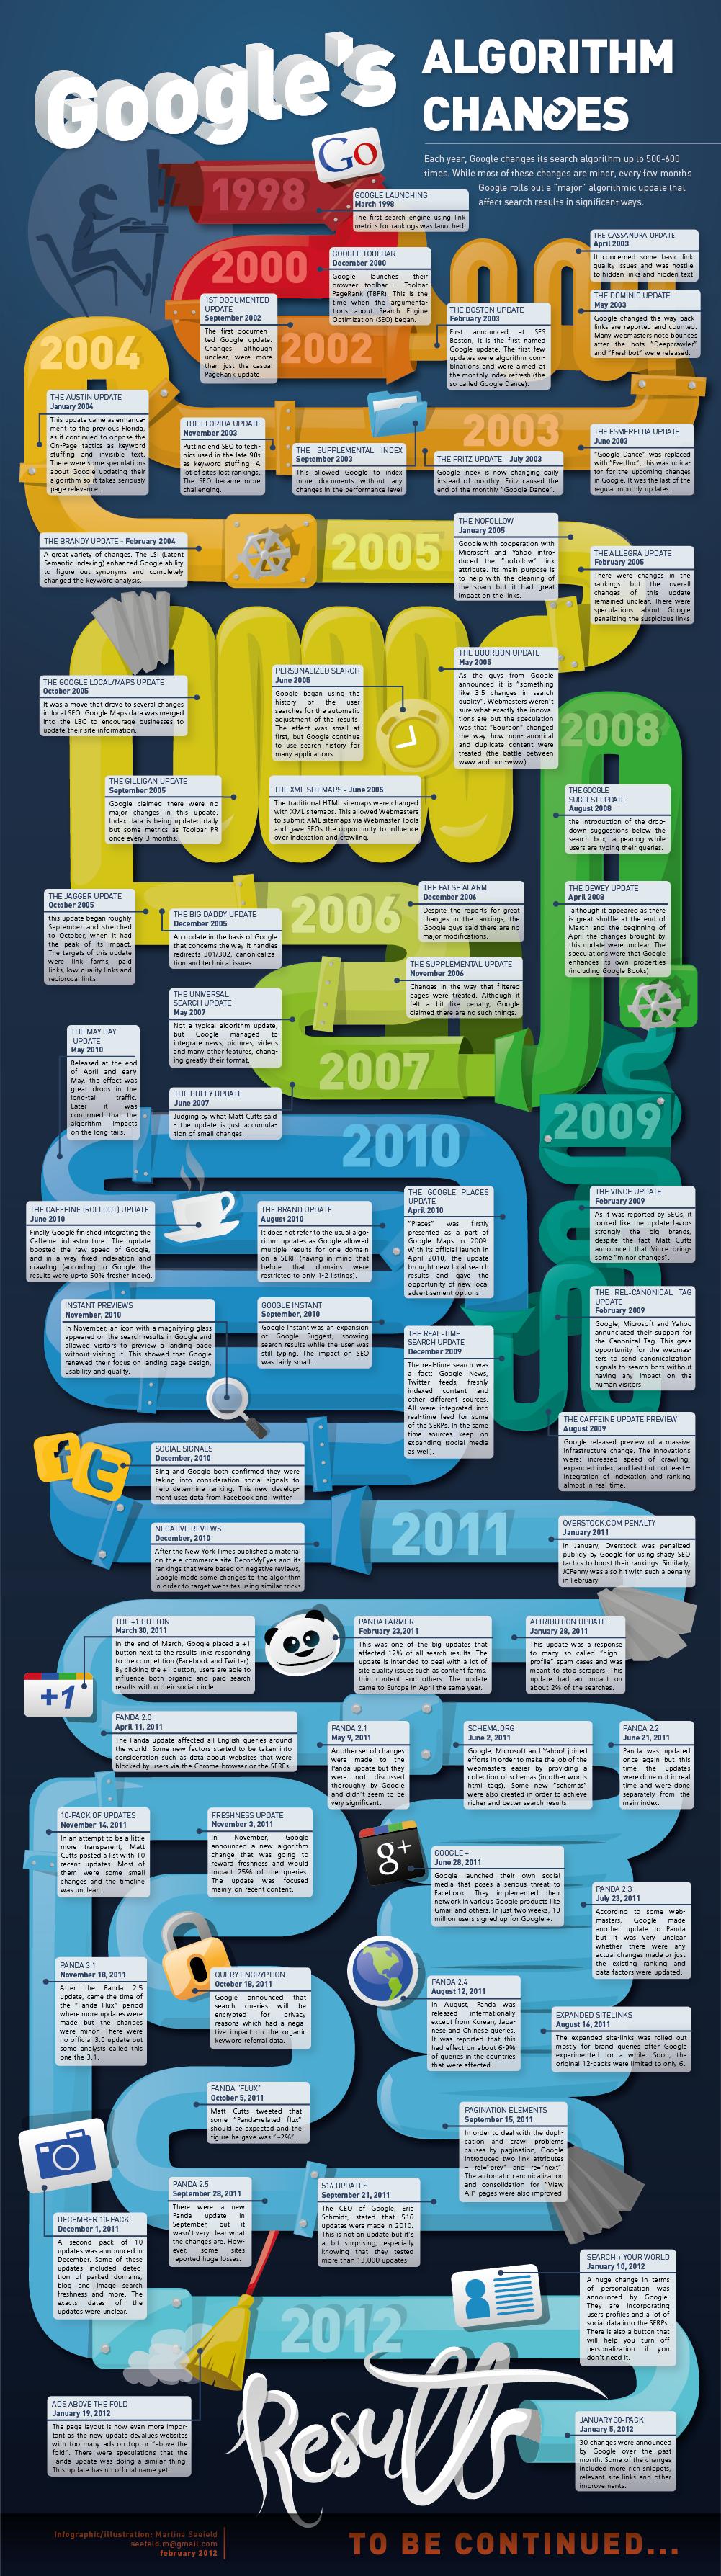 google algorithm changes 1998 2012